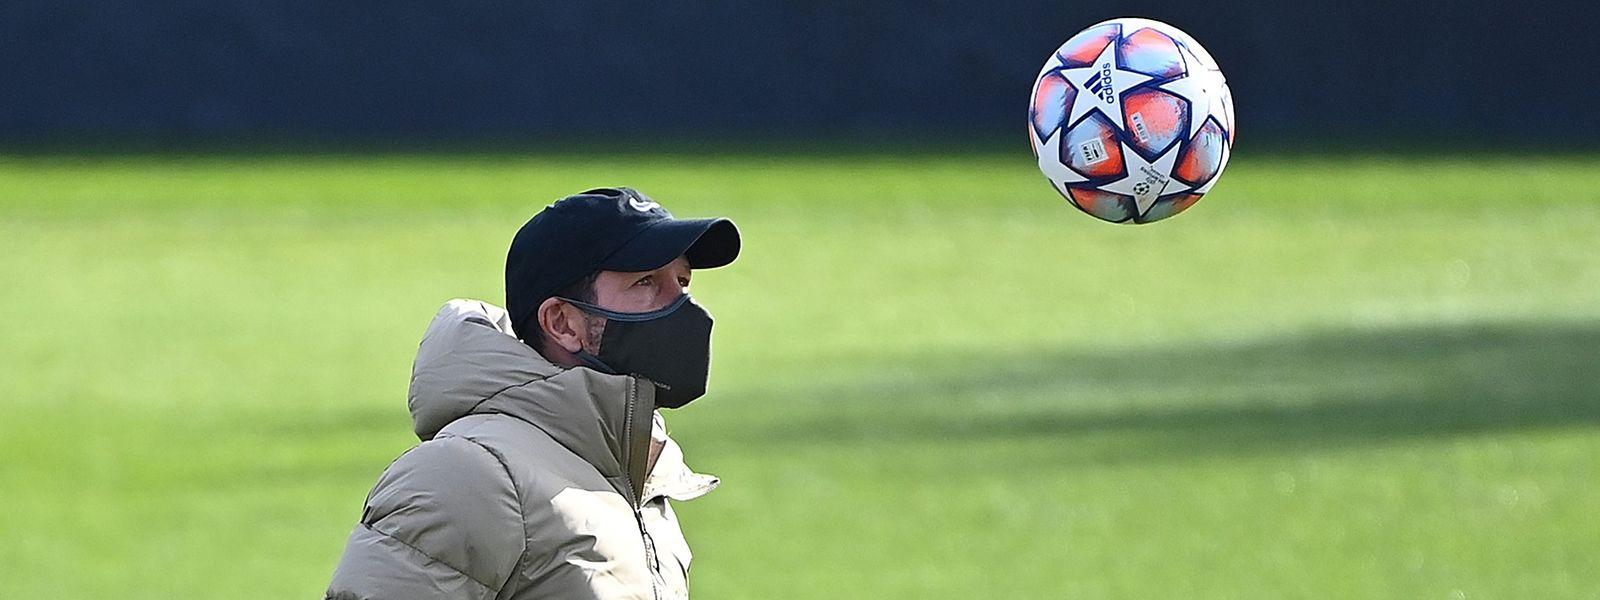 La tâche s'annonce ardue pour les hommes de Diego Simeone, face à un Bayern qui a remporté ses 15 derniers matches en Ligue des champions, un record.